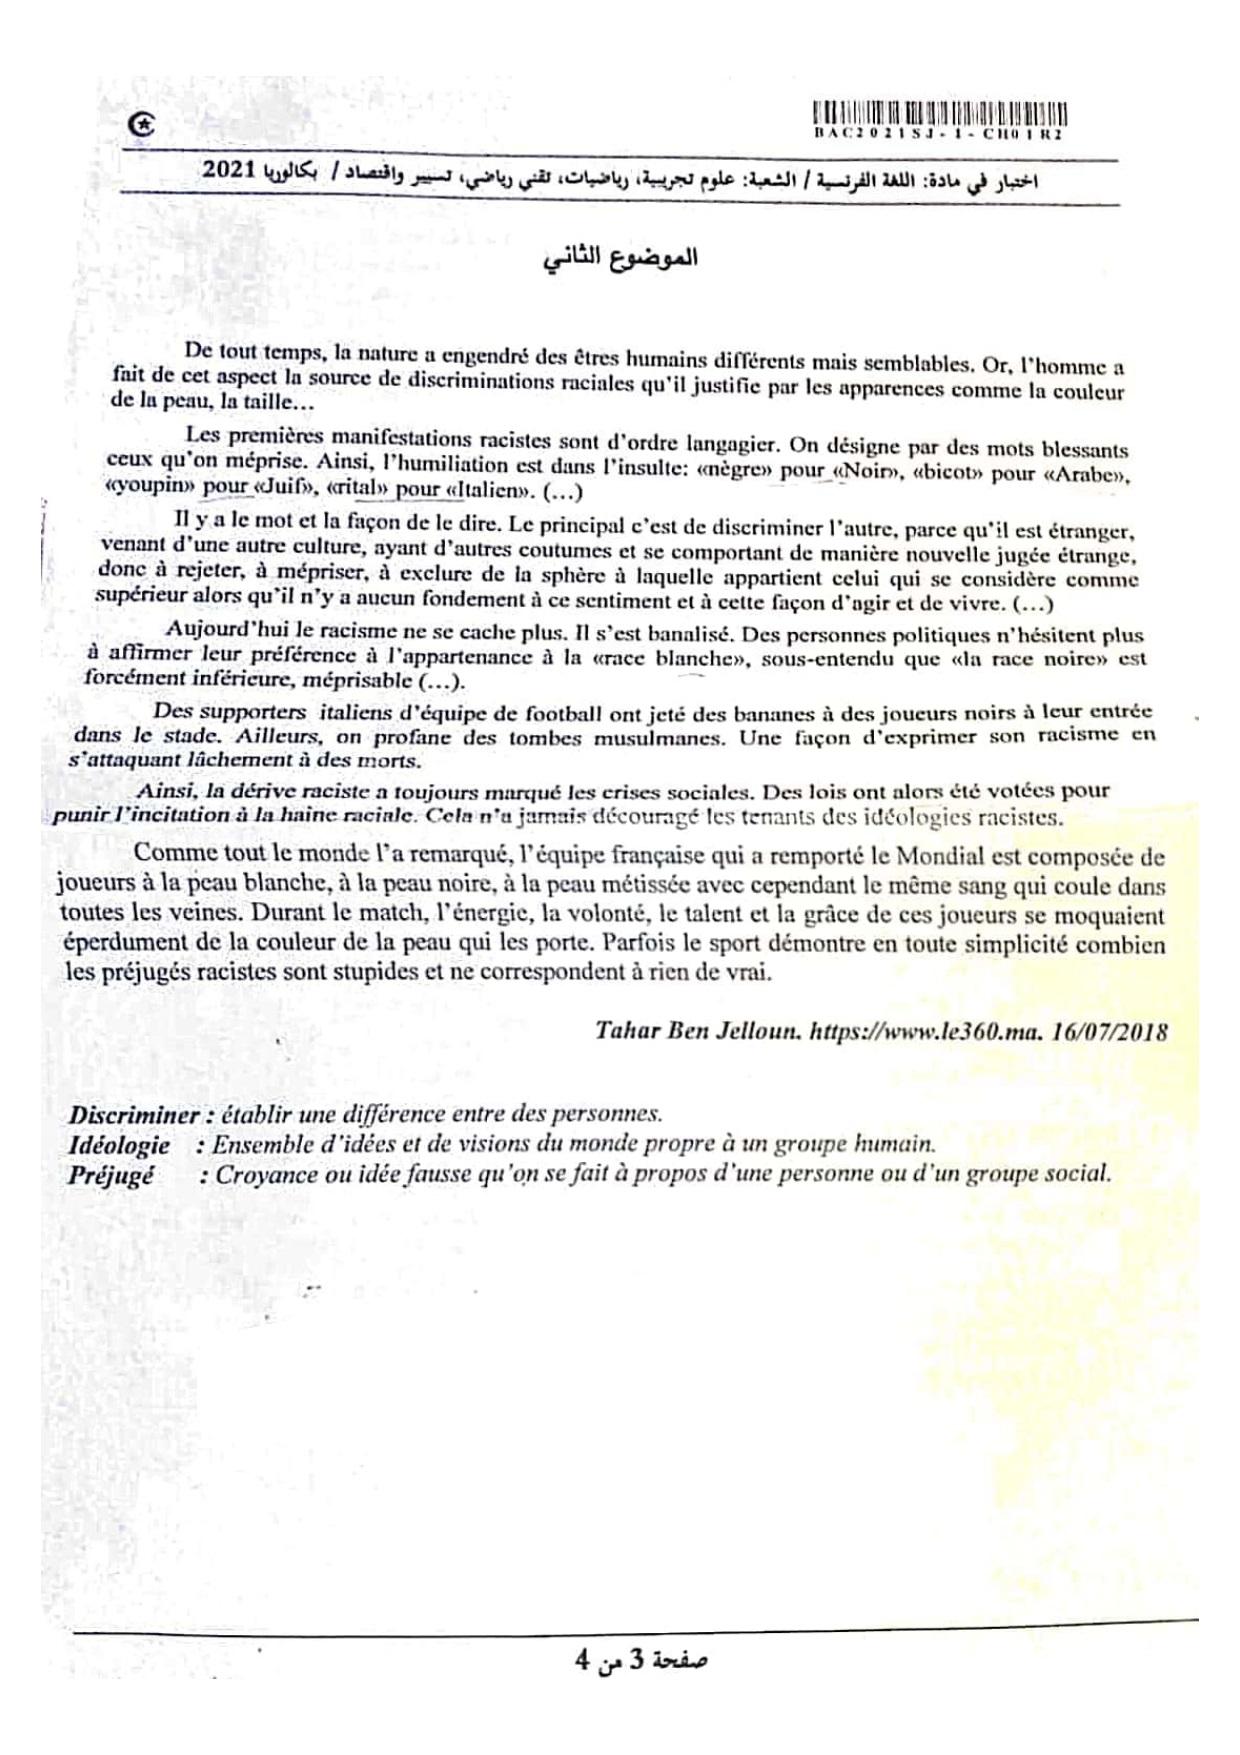 موضوع اللغة الفرنسية بكالوريا 2021 شعب علمية